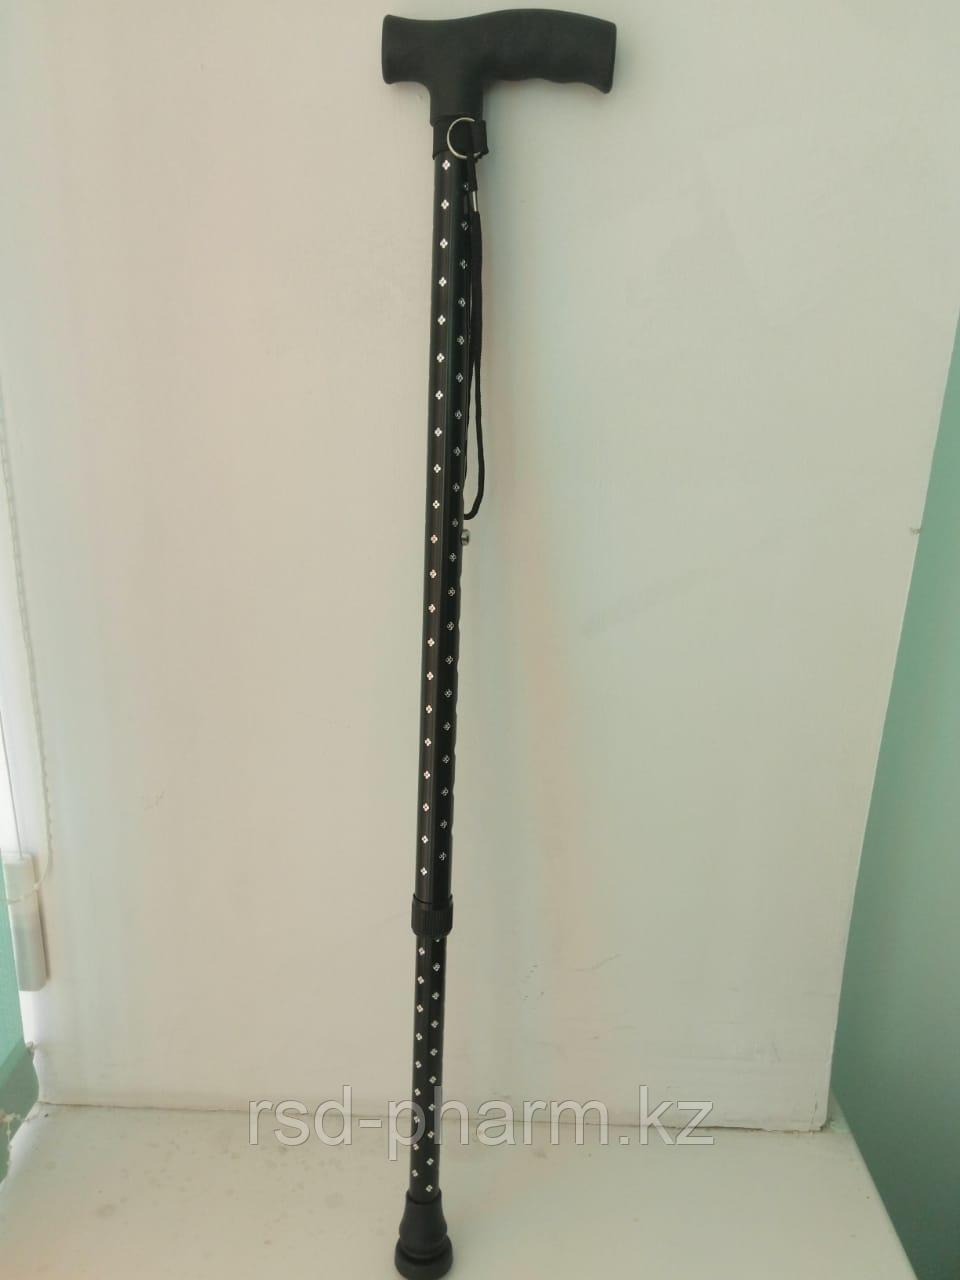 Трость блестящая с пластиковой ручкой ручкой (Звезда, черная)